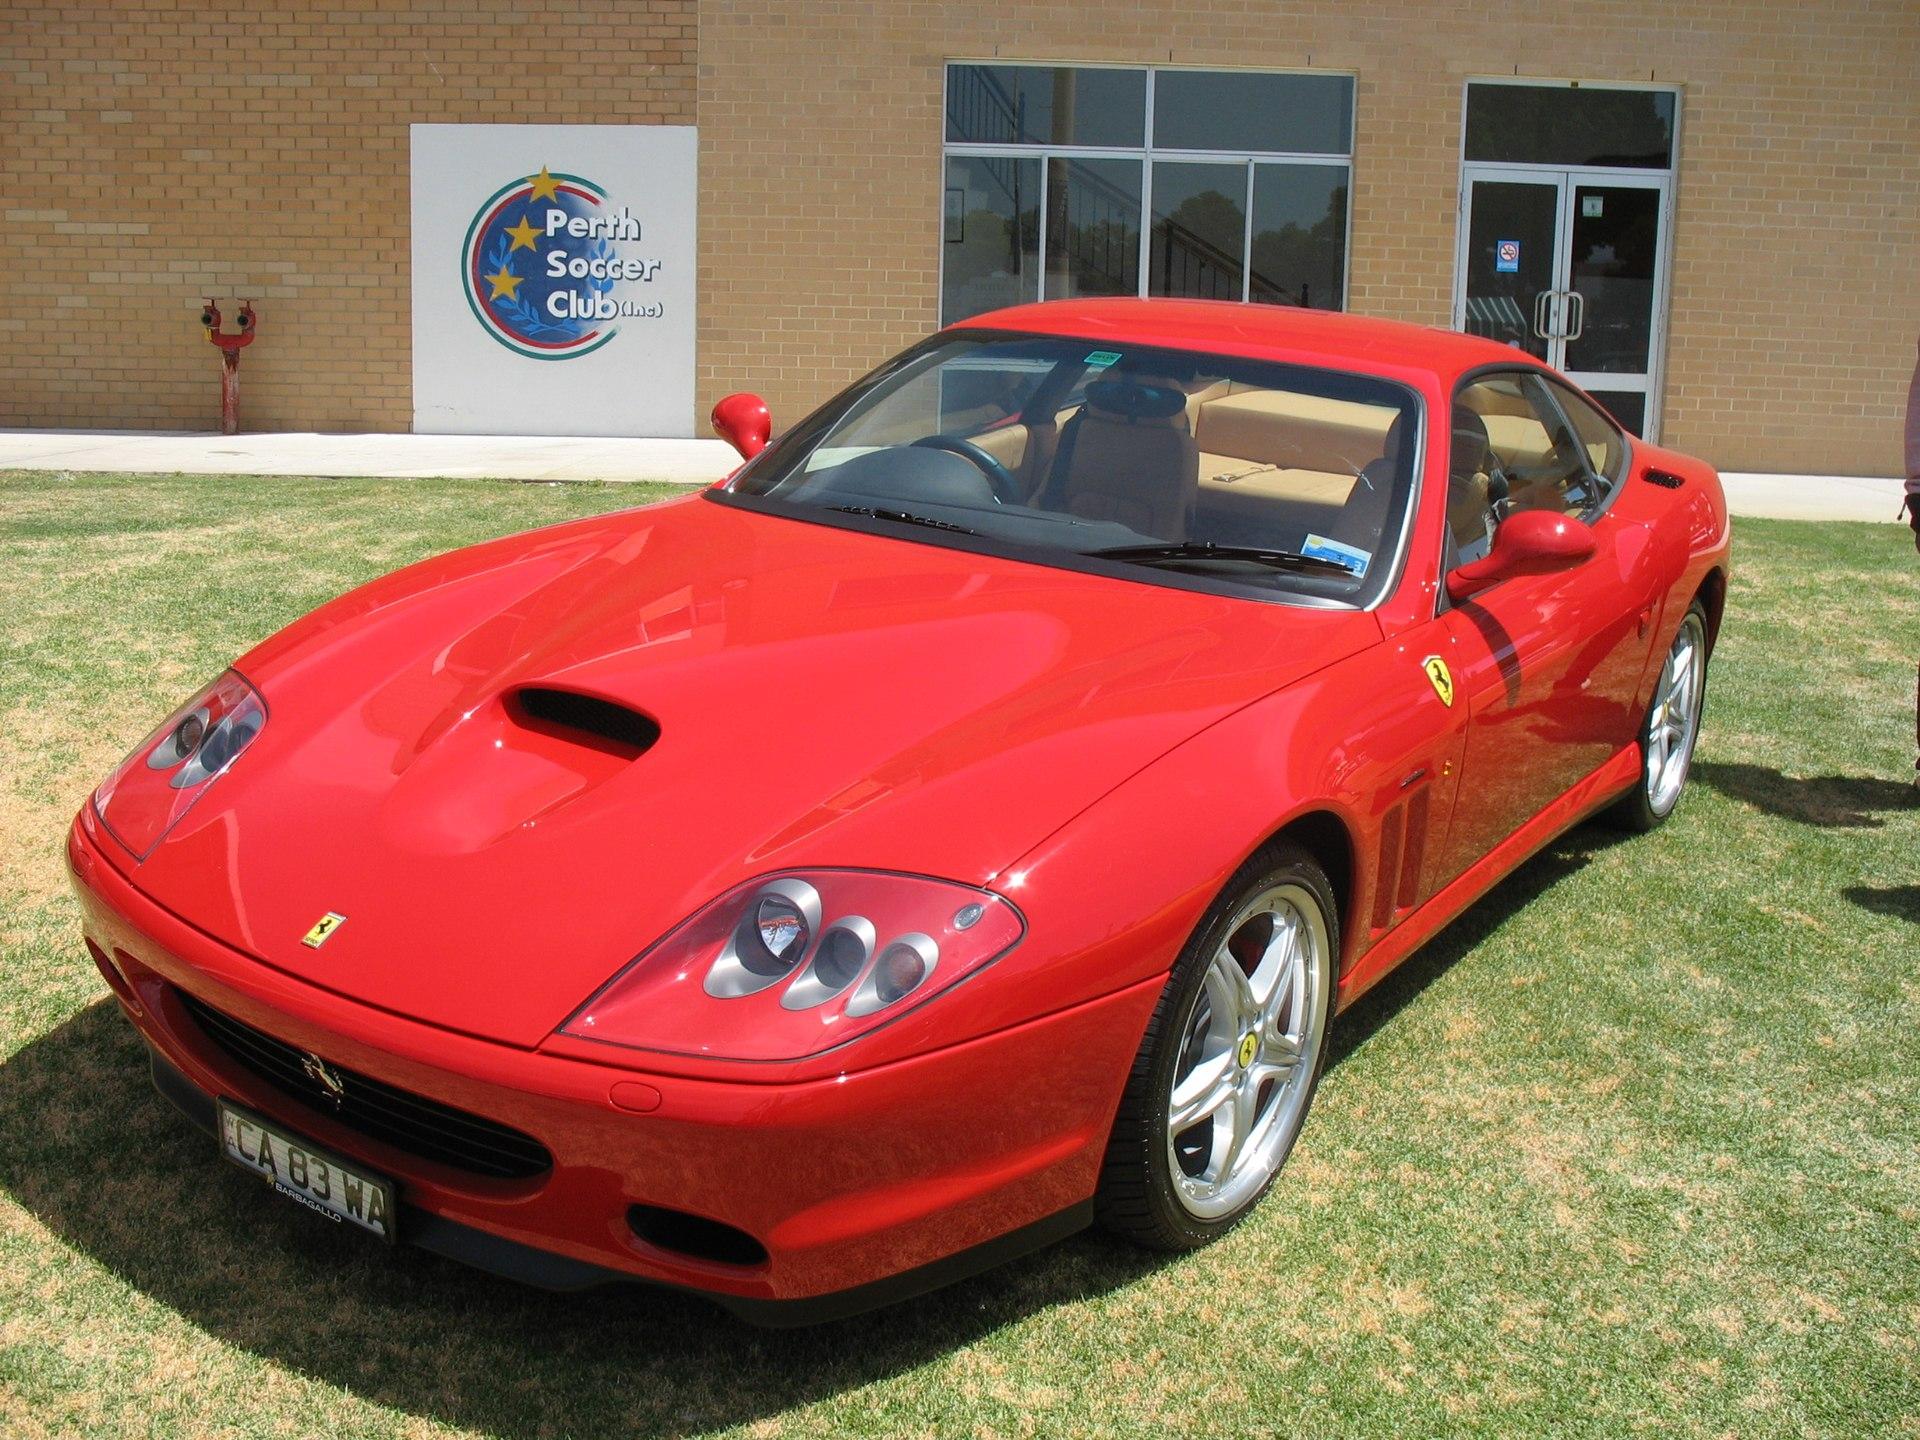 Mercedes Benz Coupe >> Ferrari 575M Maranello - Wikipedia